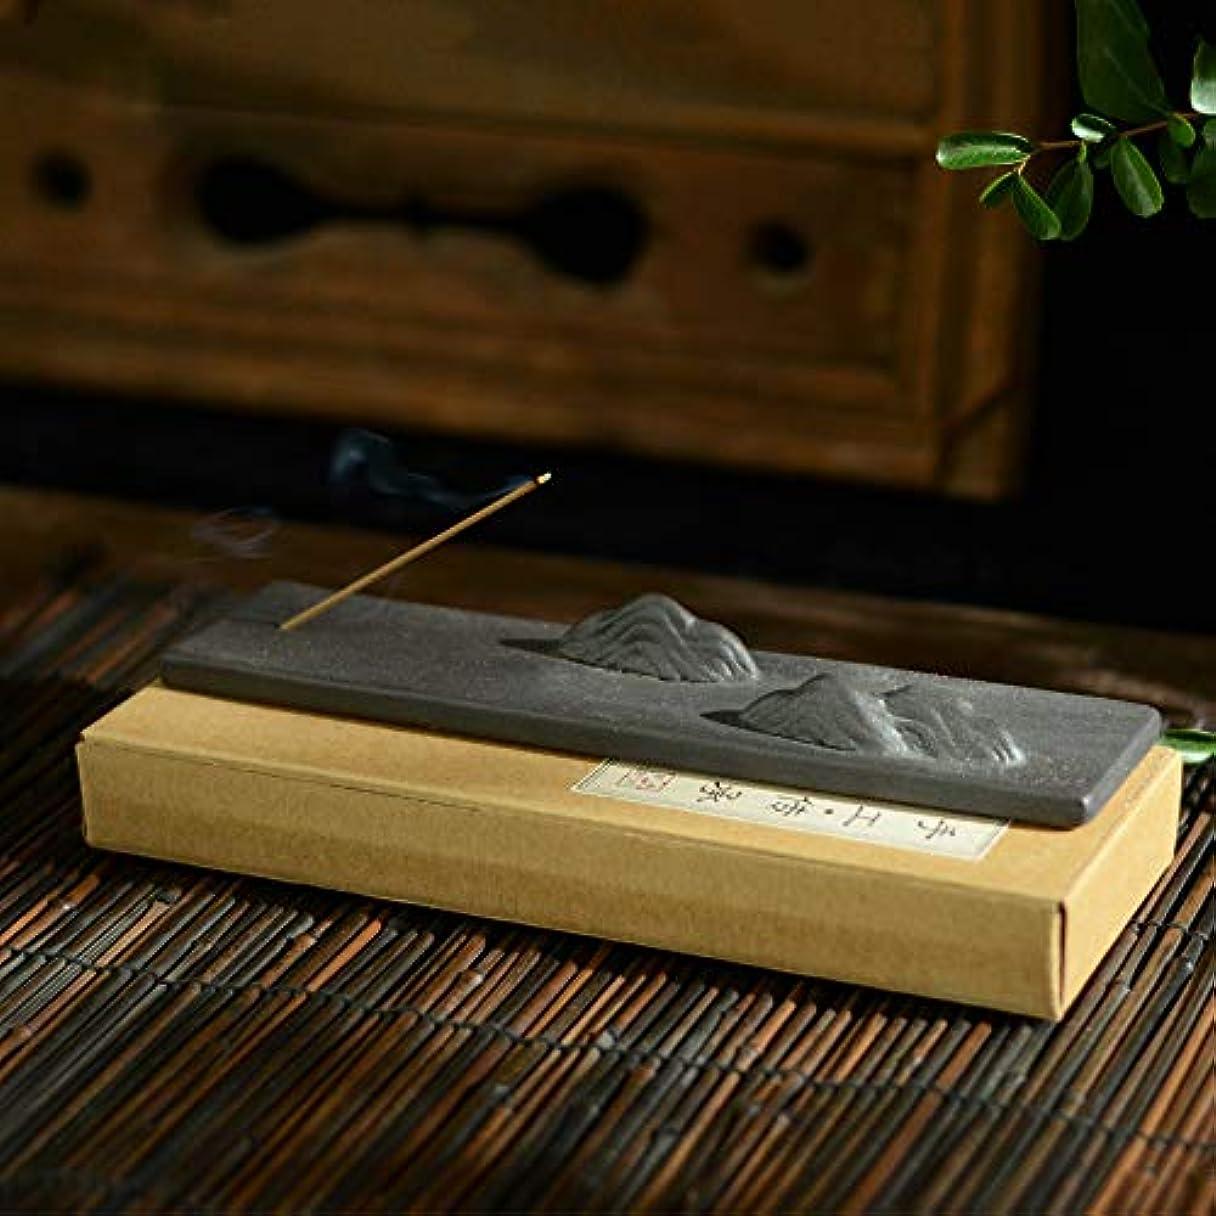 ゴールドメッセージナイロンPHILOGOD 手作り陶器香炉 クリエイティブスタイリング仏壇用 線香立て 香皿